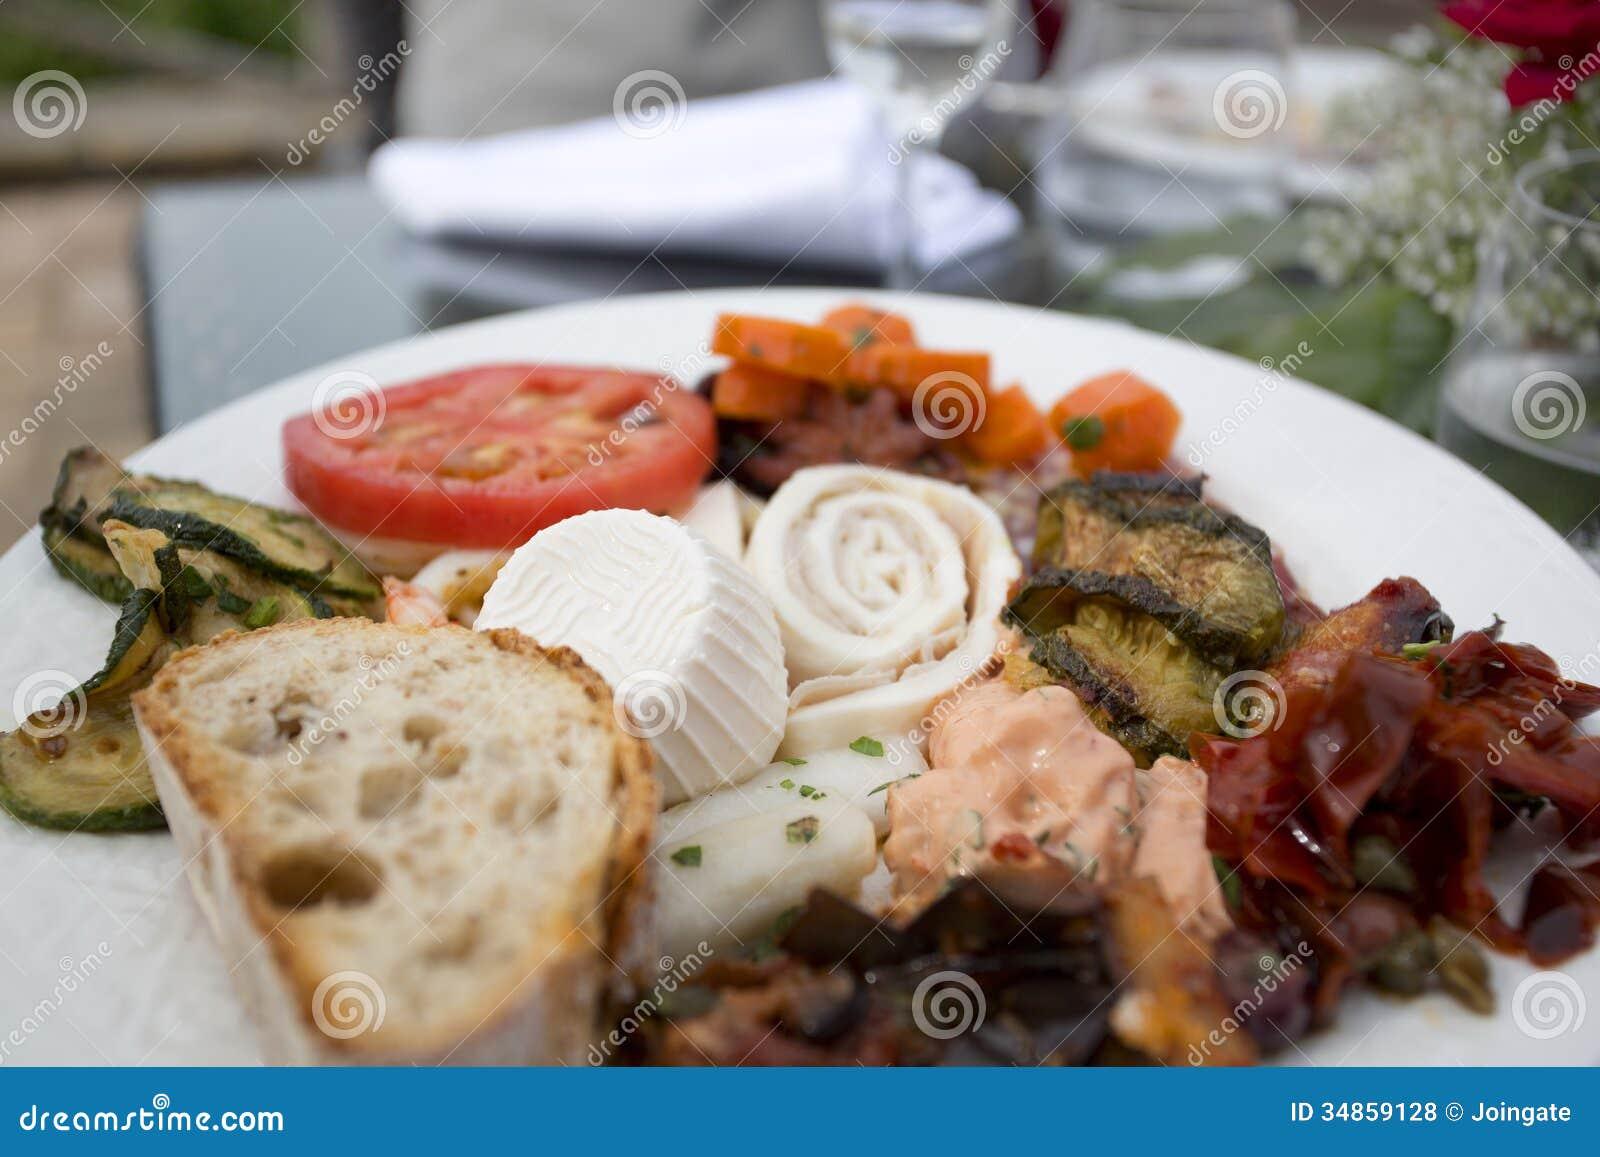 Variety of italian anti pasti